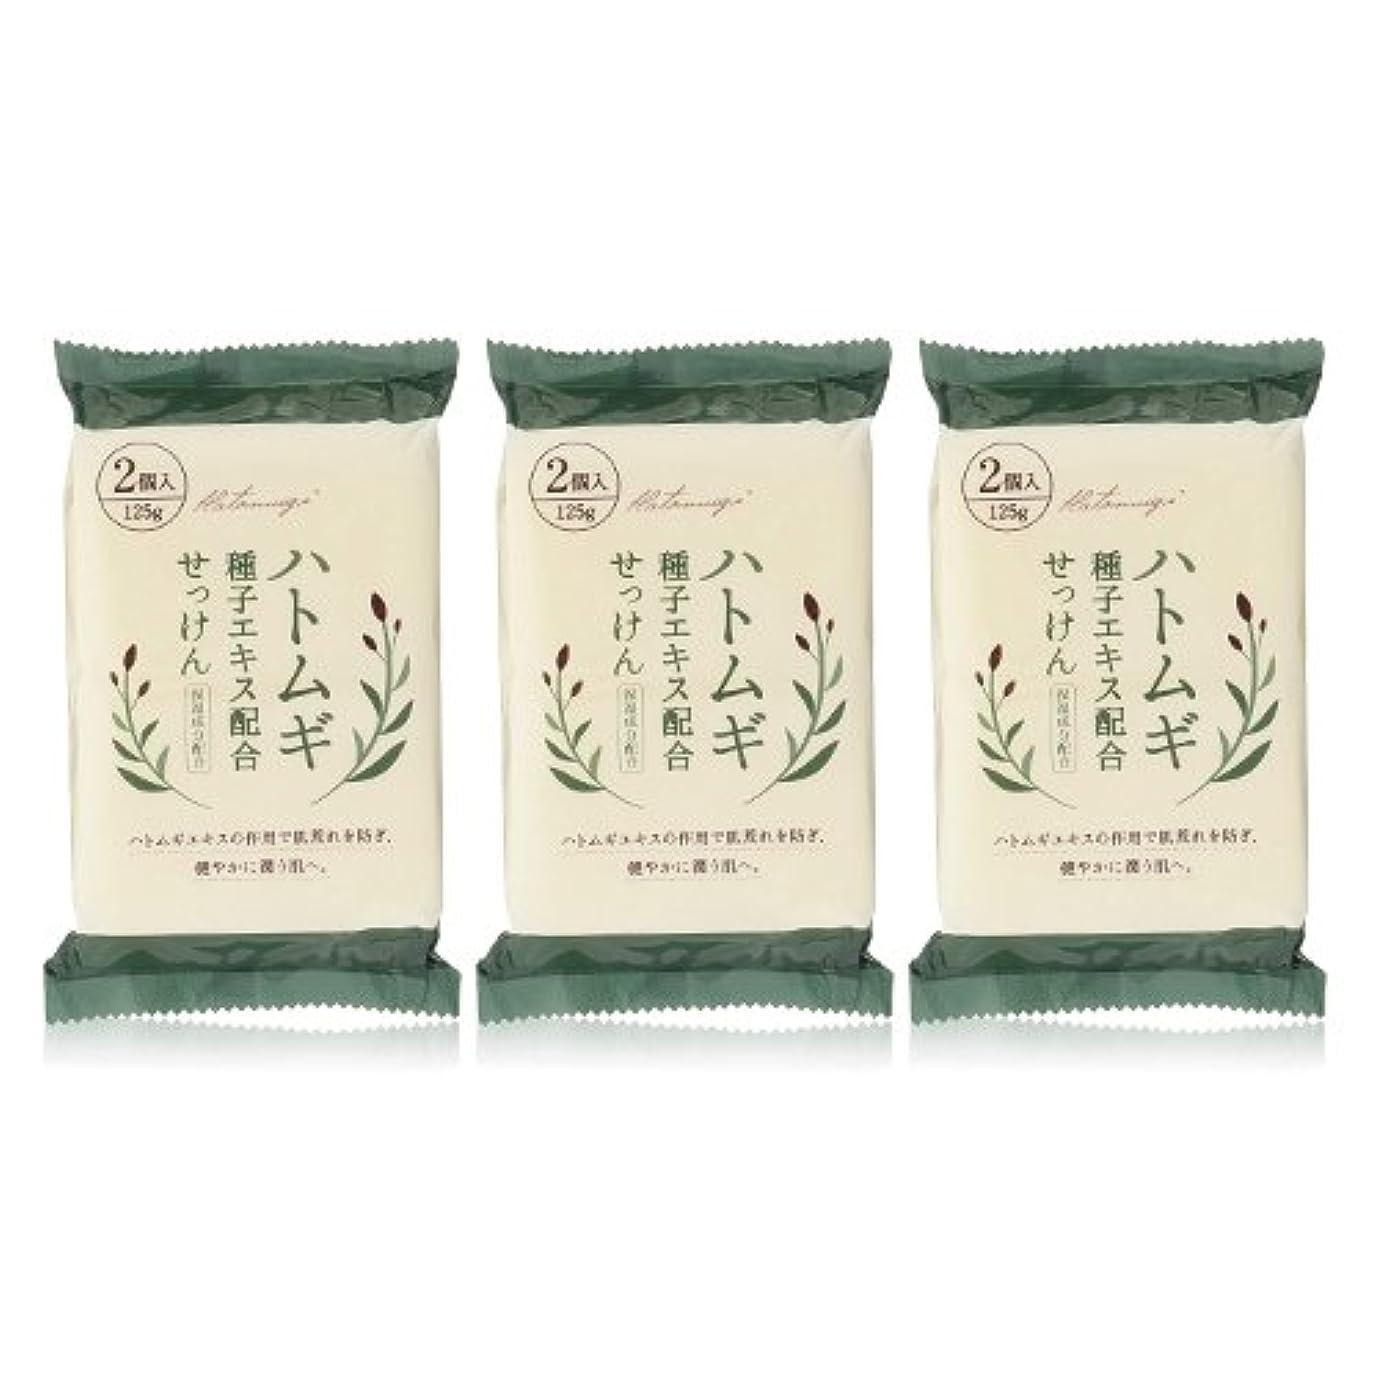 コントラスト作業伝統ハトムギ種子エキス配合石けん 125g(2コ入)×3個セット(計6個)